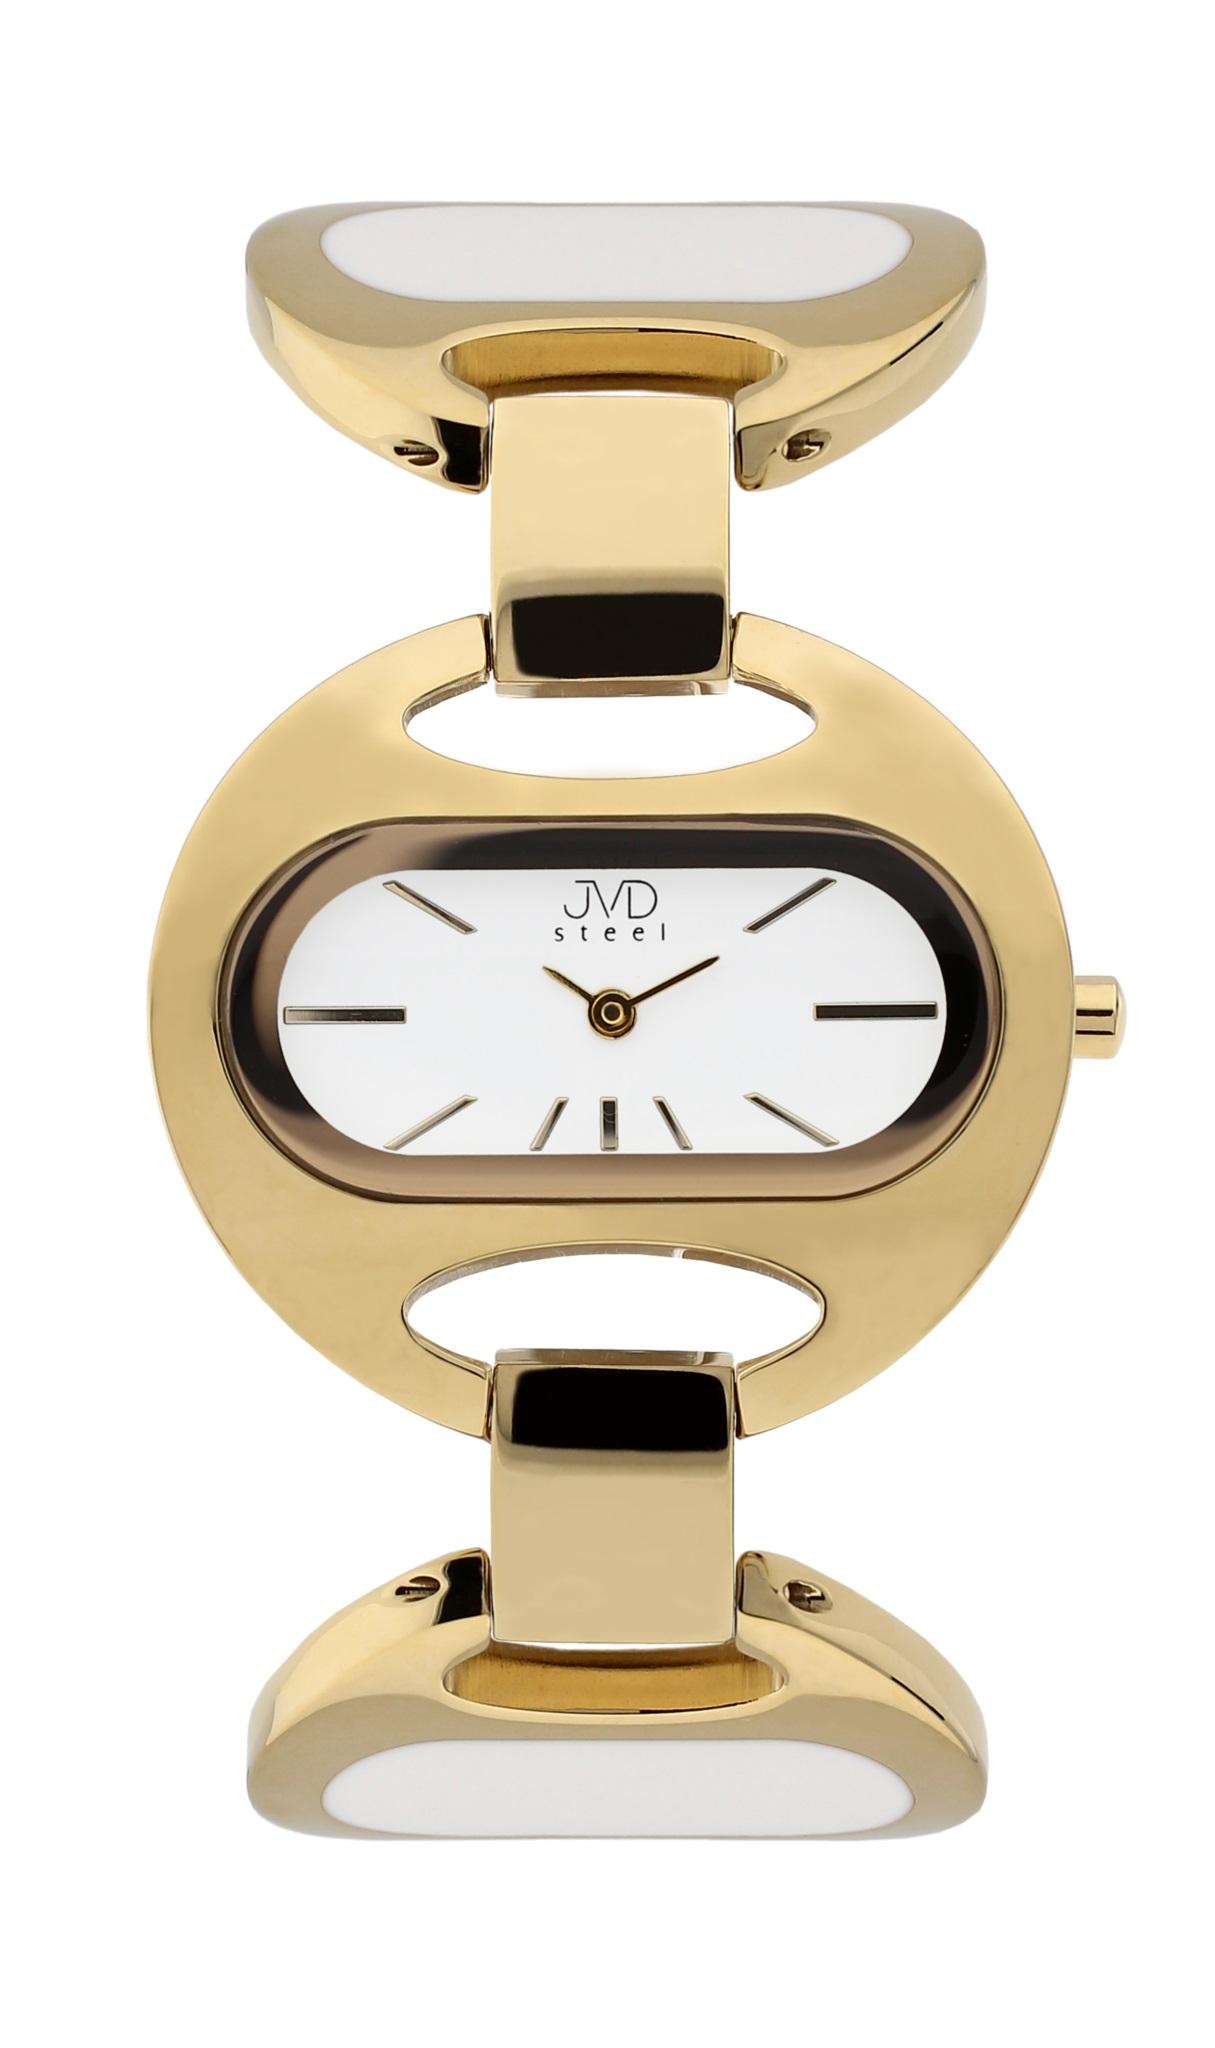 Luxusní dámské ocelové zlacené hodinky JVD steel J4118.3 - 5ATM POŠTOVNÉ ZDARMA! (POŠTOVNÉ ZDARMA!!)